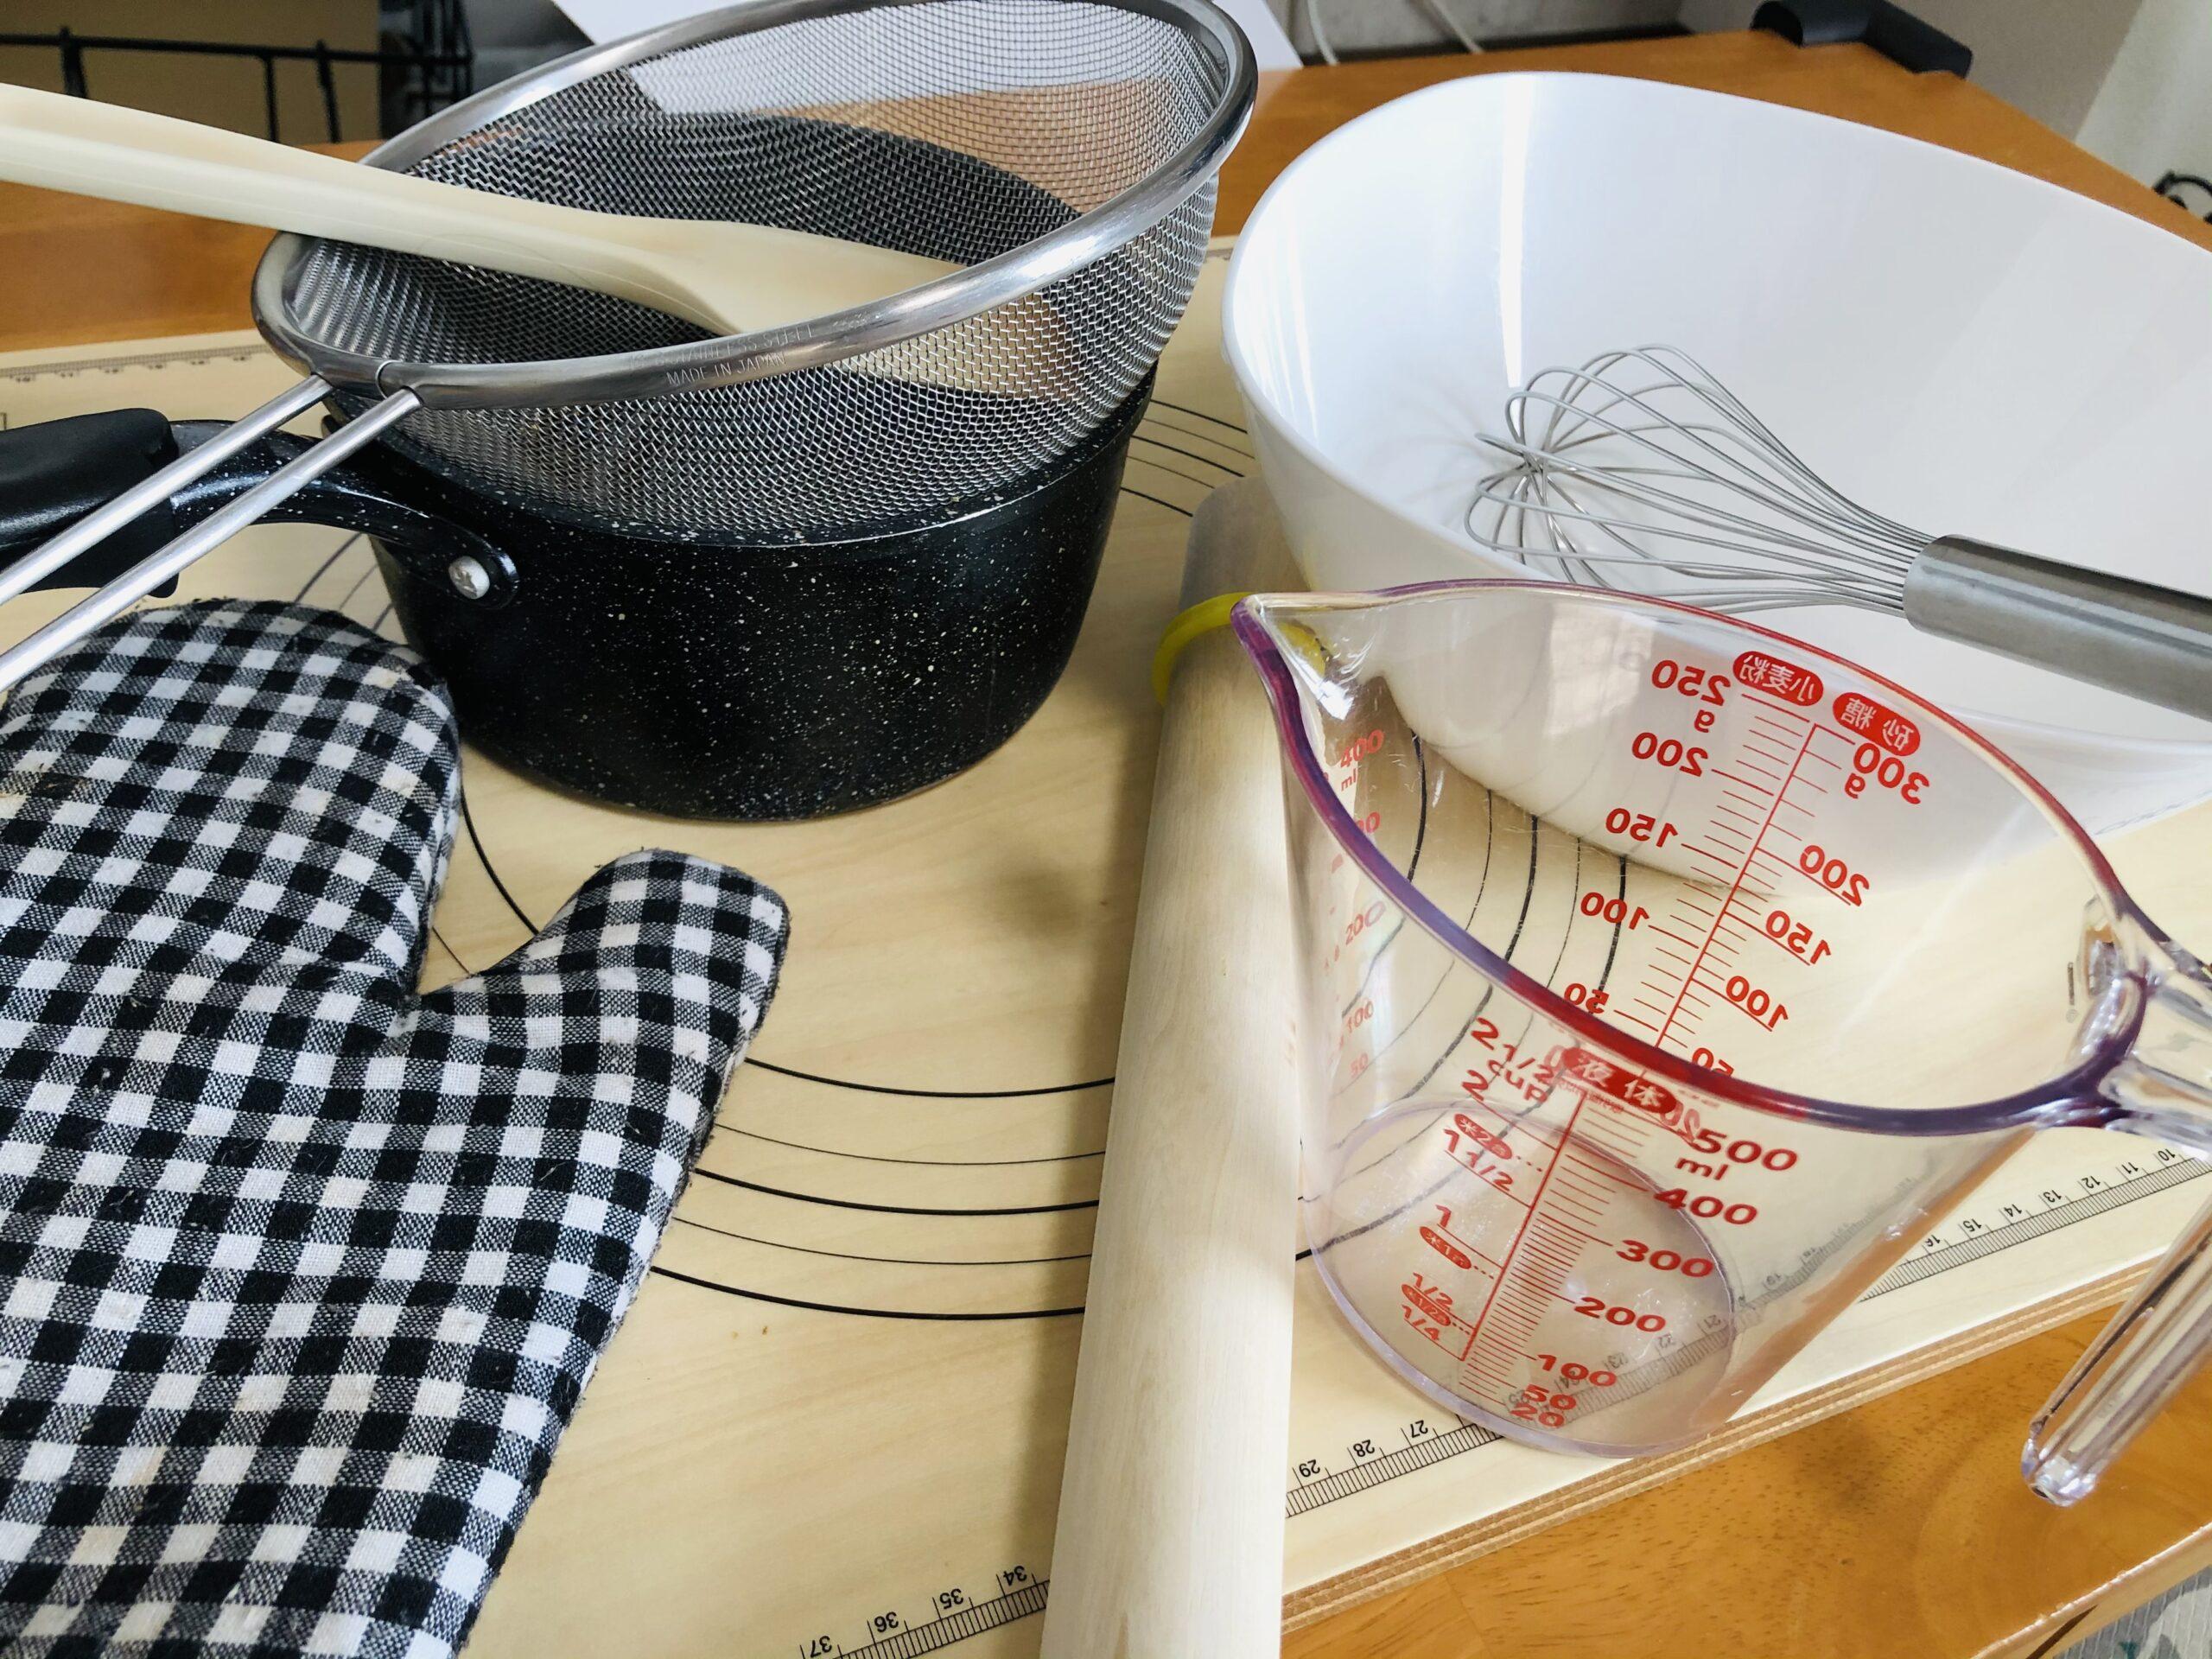 調理器具の画像です。